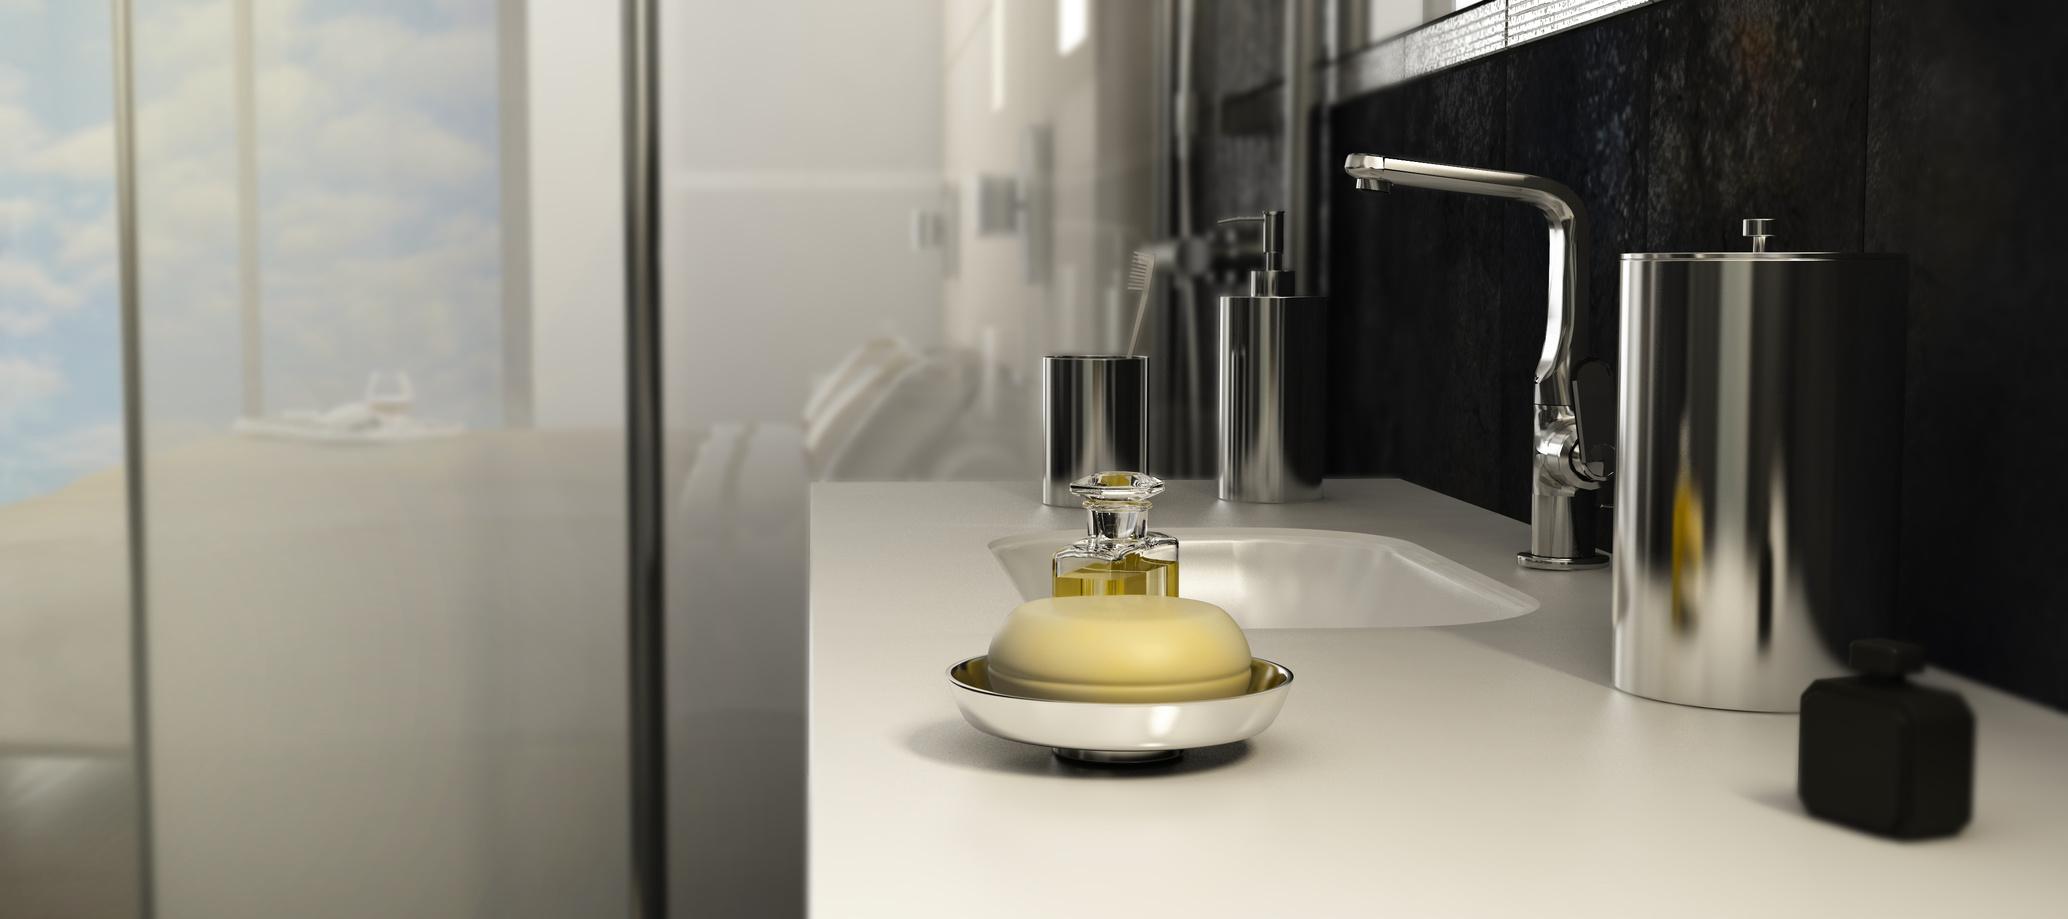 comment enlever des traces de rouille dans la salle de bain. Black Bedroom Furniture Sets. Home Design Ideas